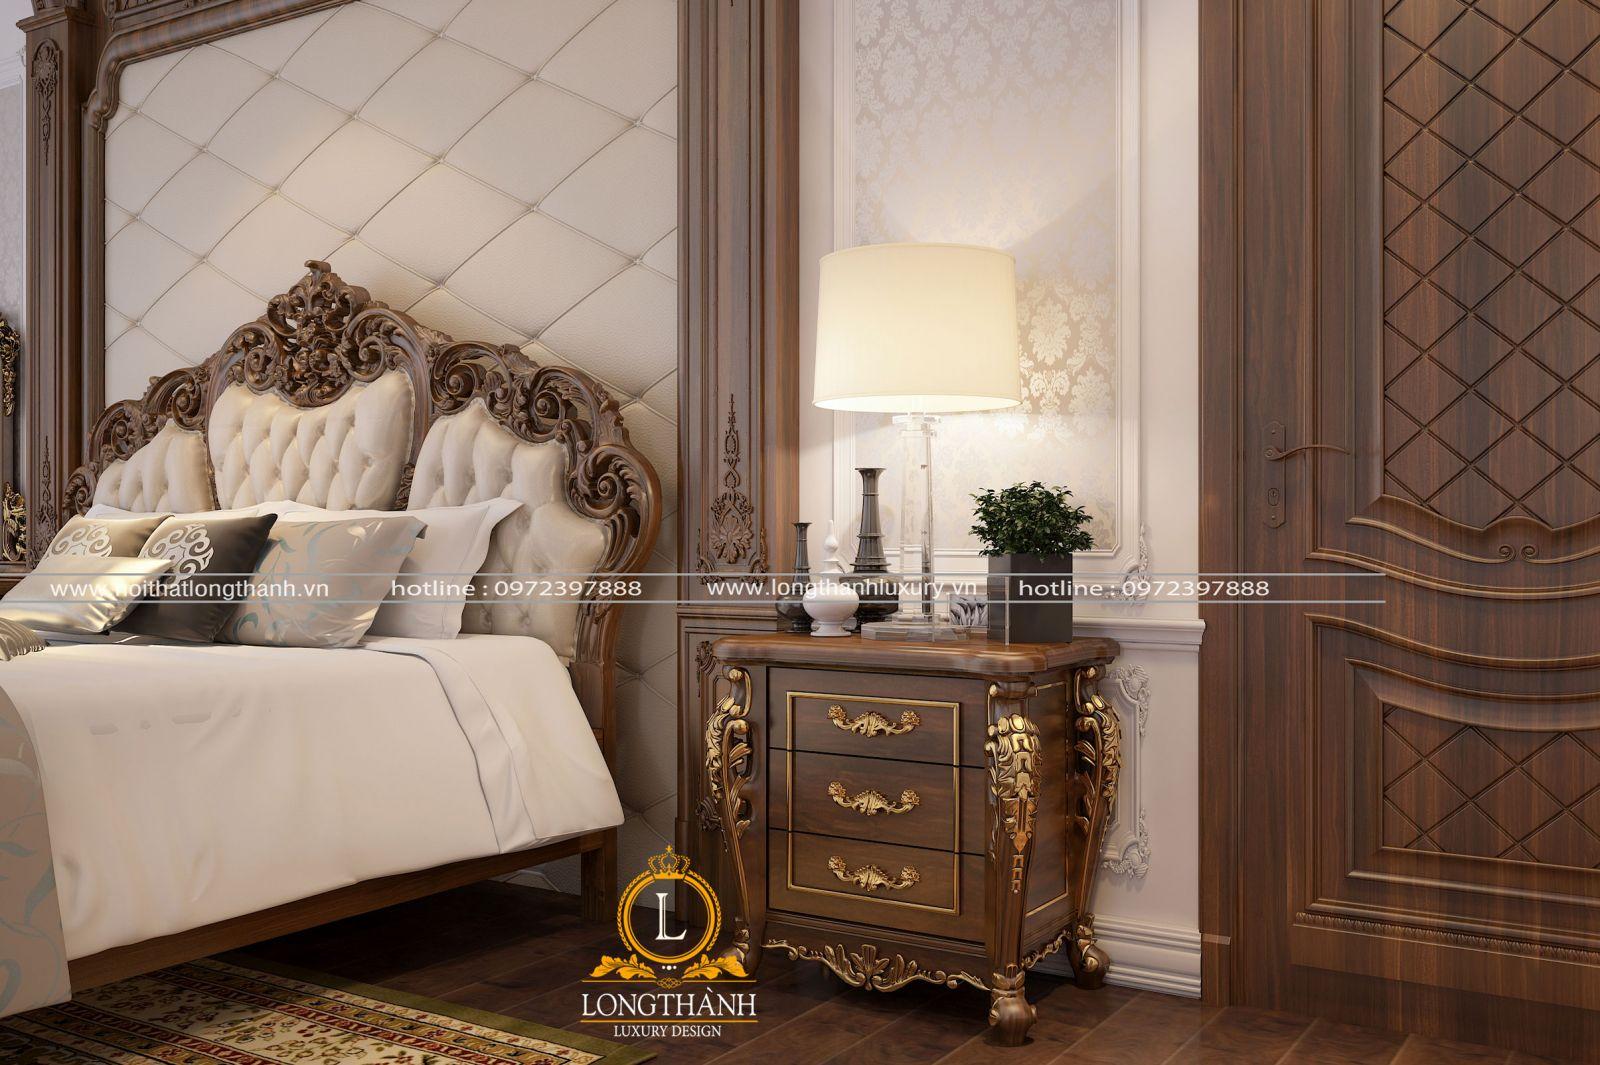 Mẫu táp đầu giường ba ngăn tiện nghi